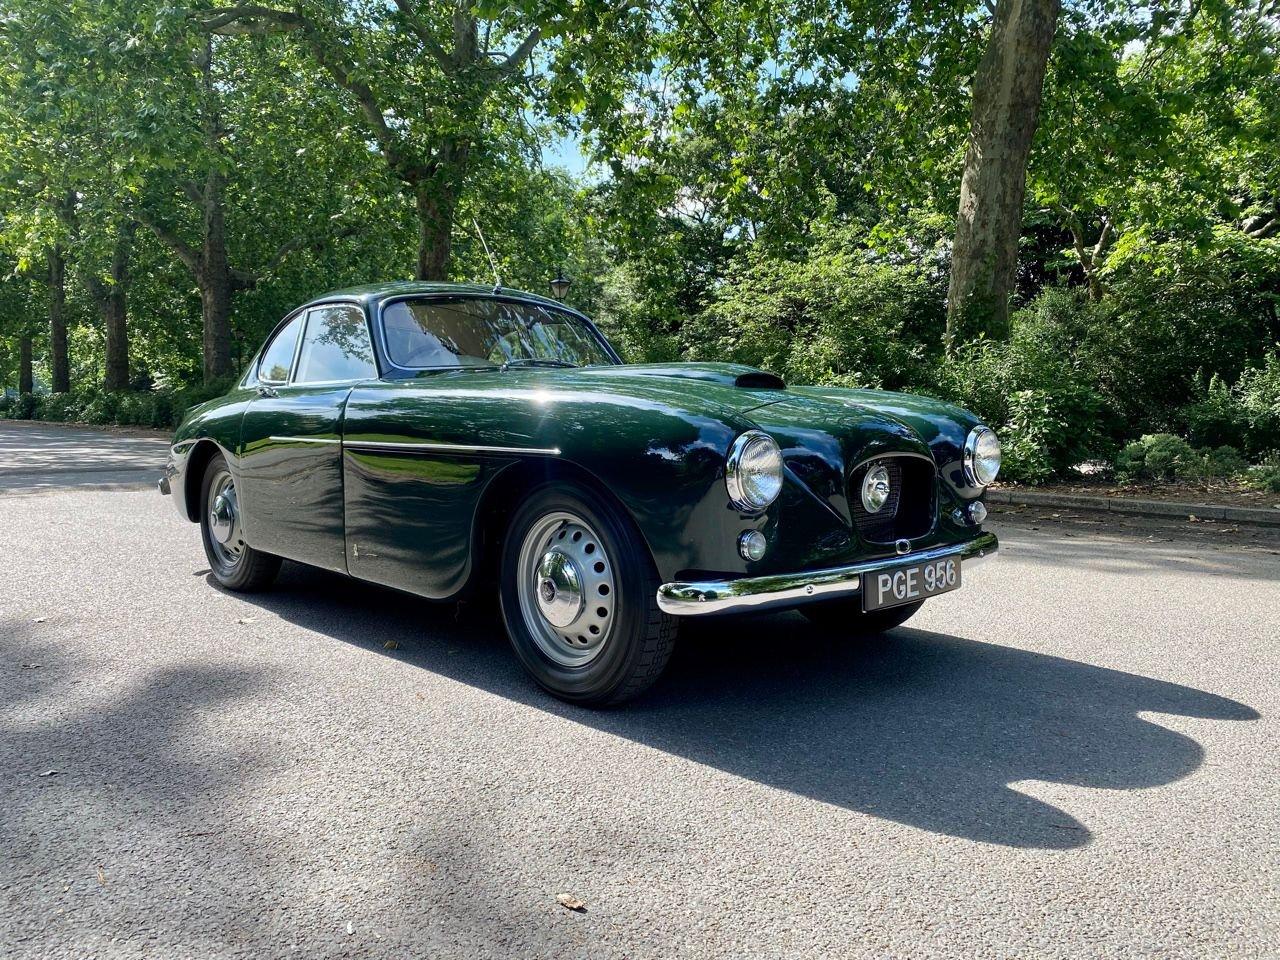 1955 bristol 404 coupe